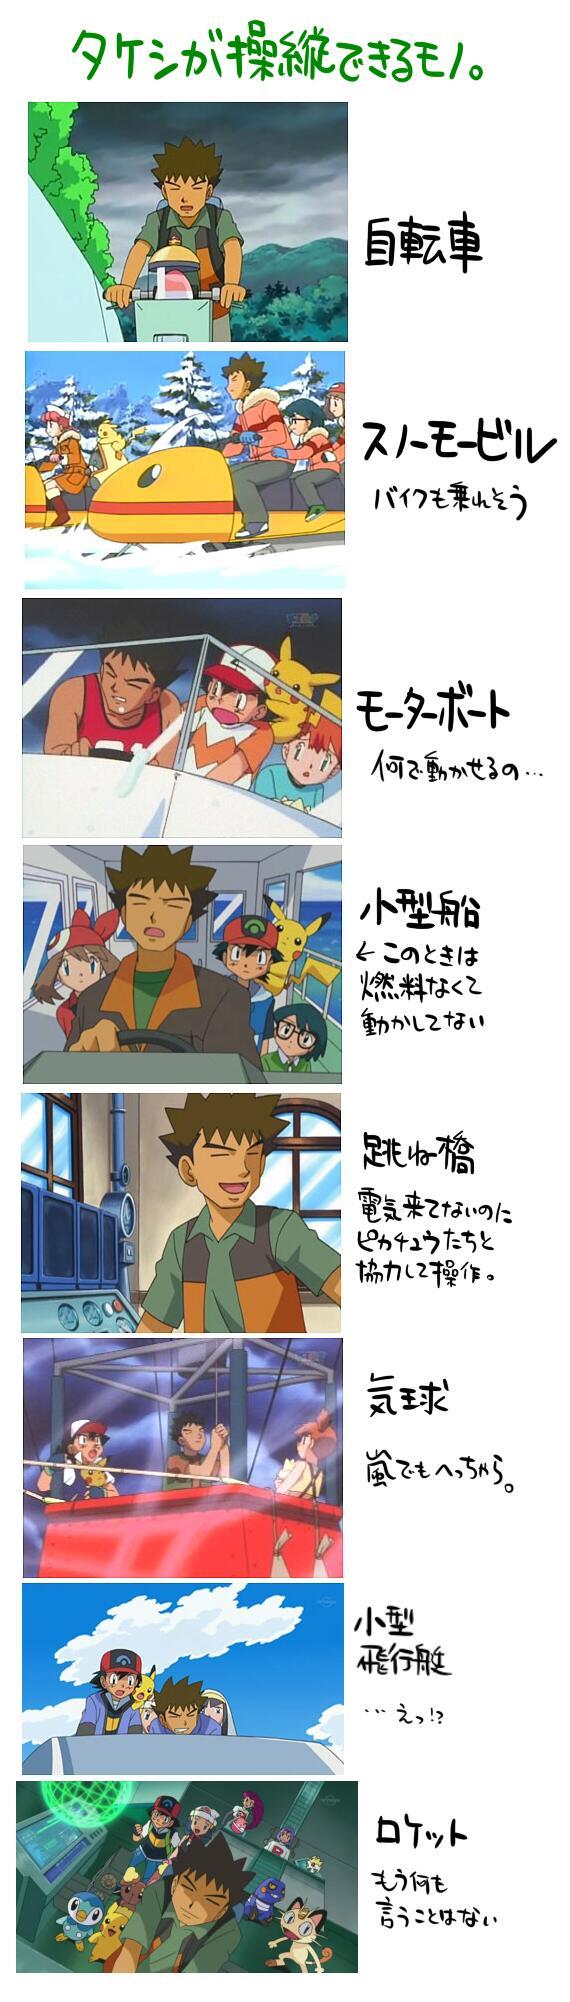 タケシ (アニメポケットモンスター)の画像 p1_38